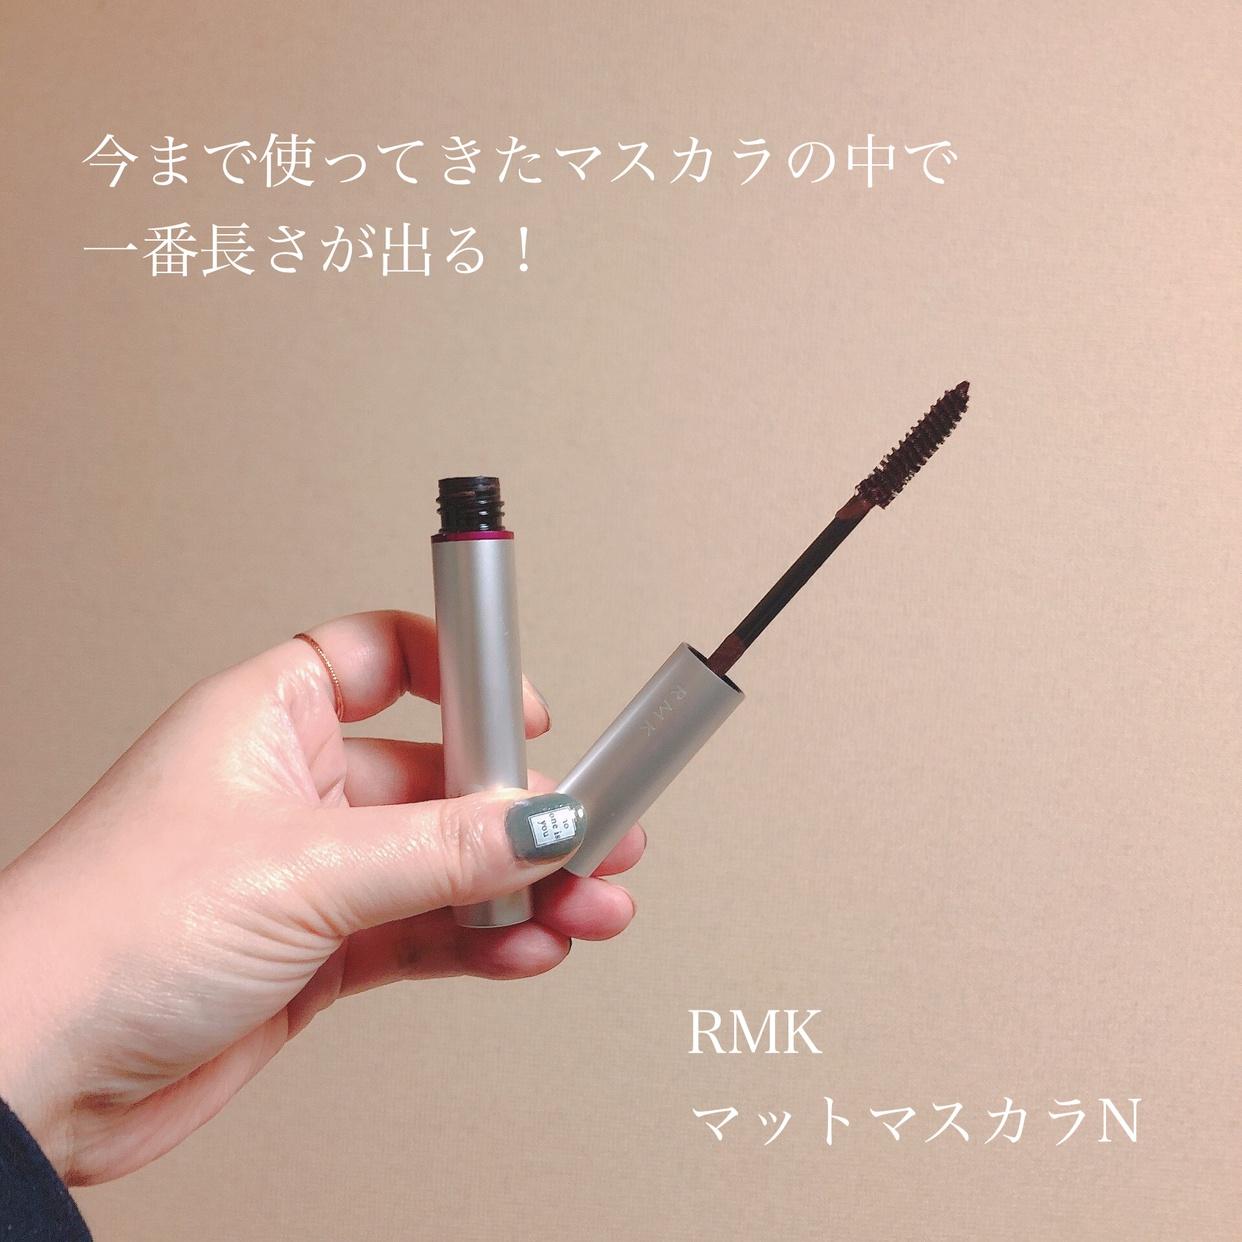 RMK(アールエムケー) マットマスカラ Nを使ったさかいさんのクチコミ画像1